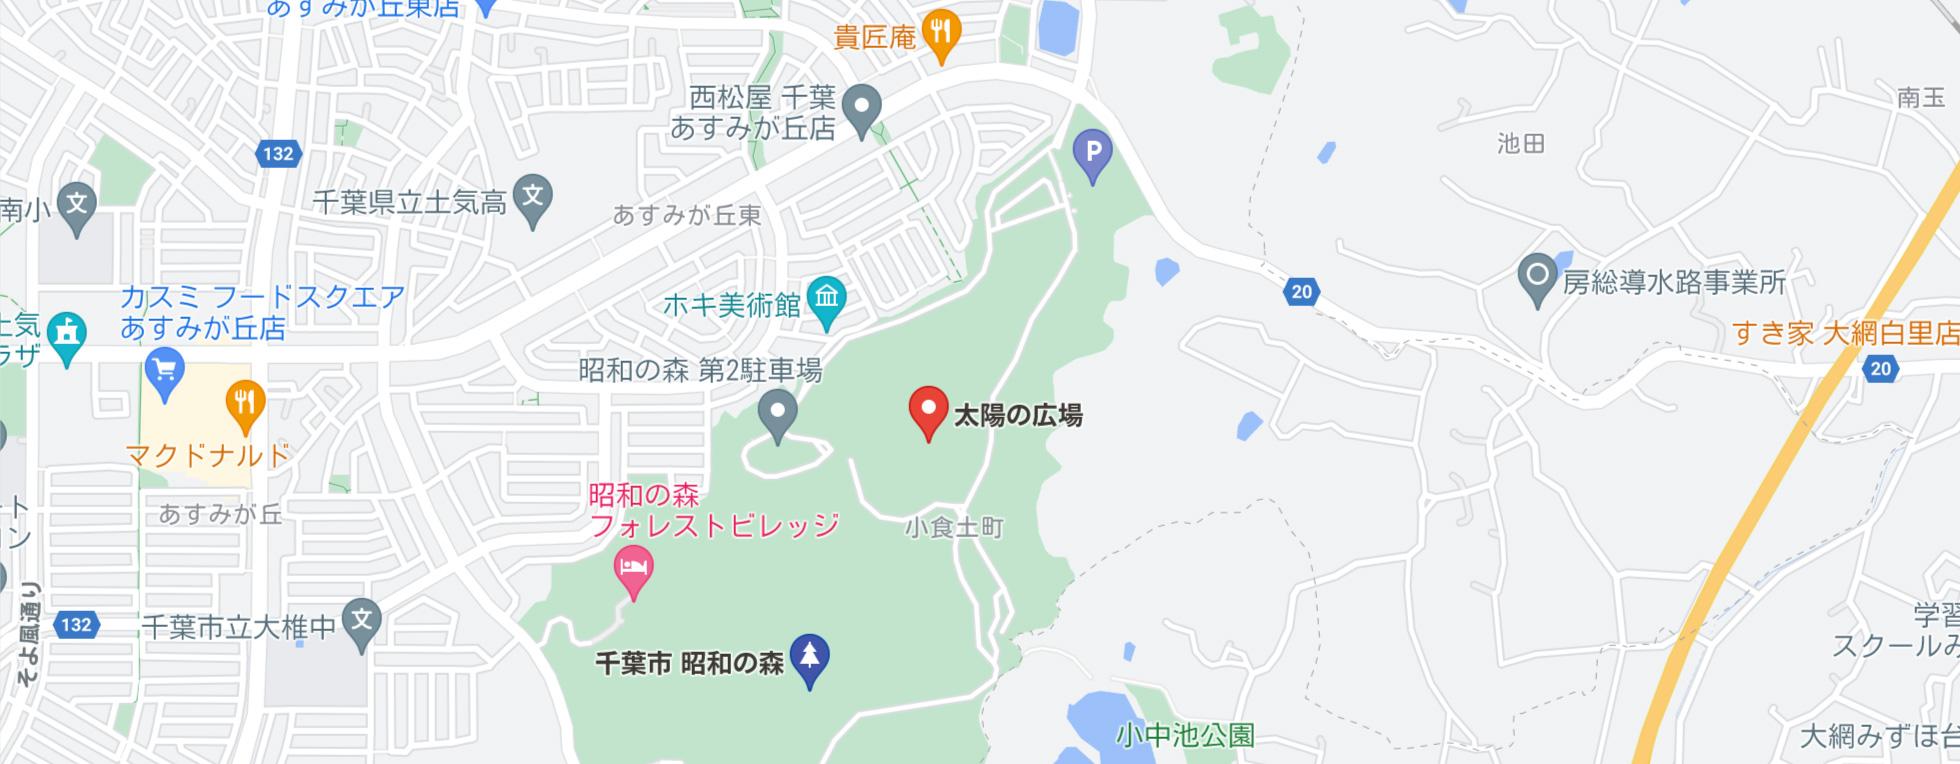 PARKCAMP IN ZOO 開演場所